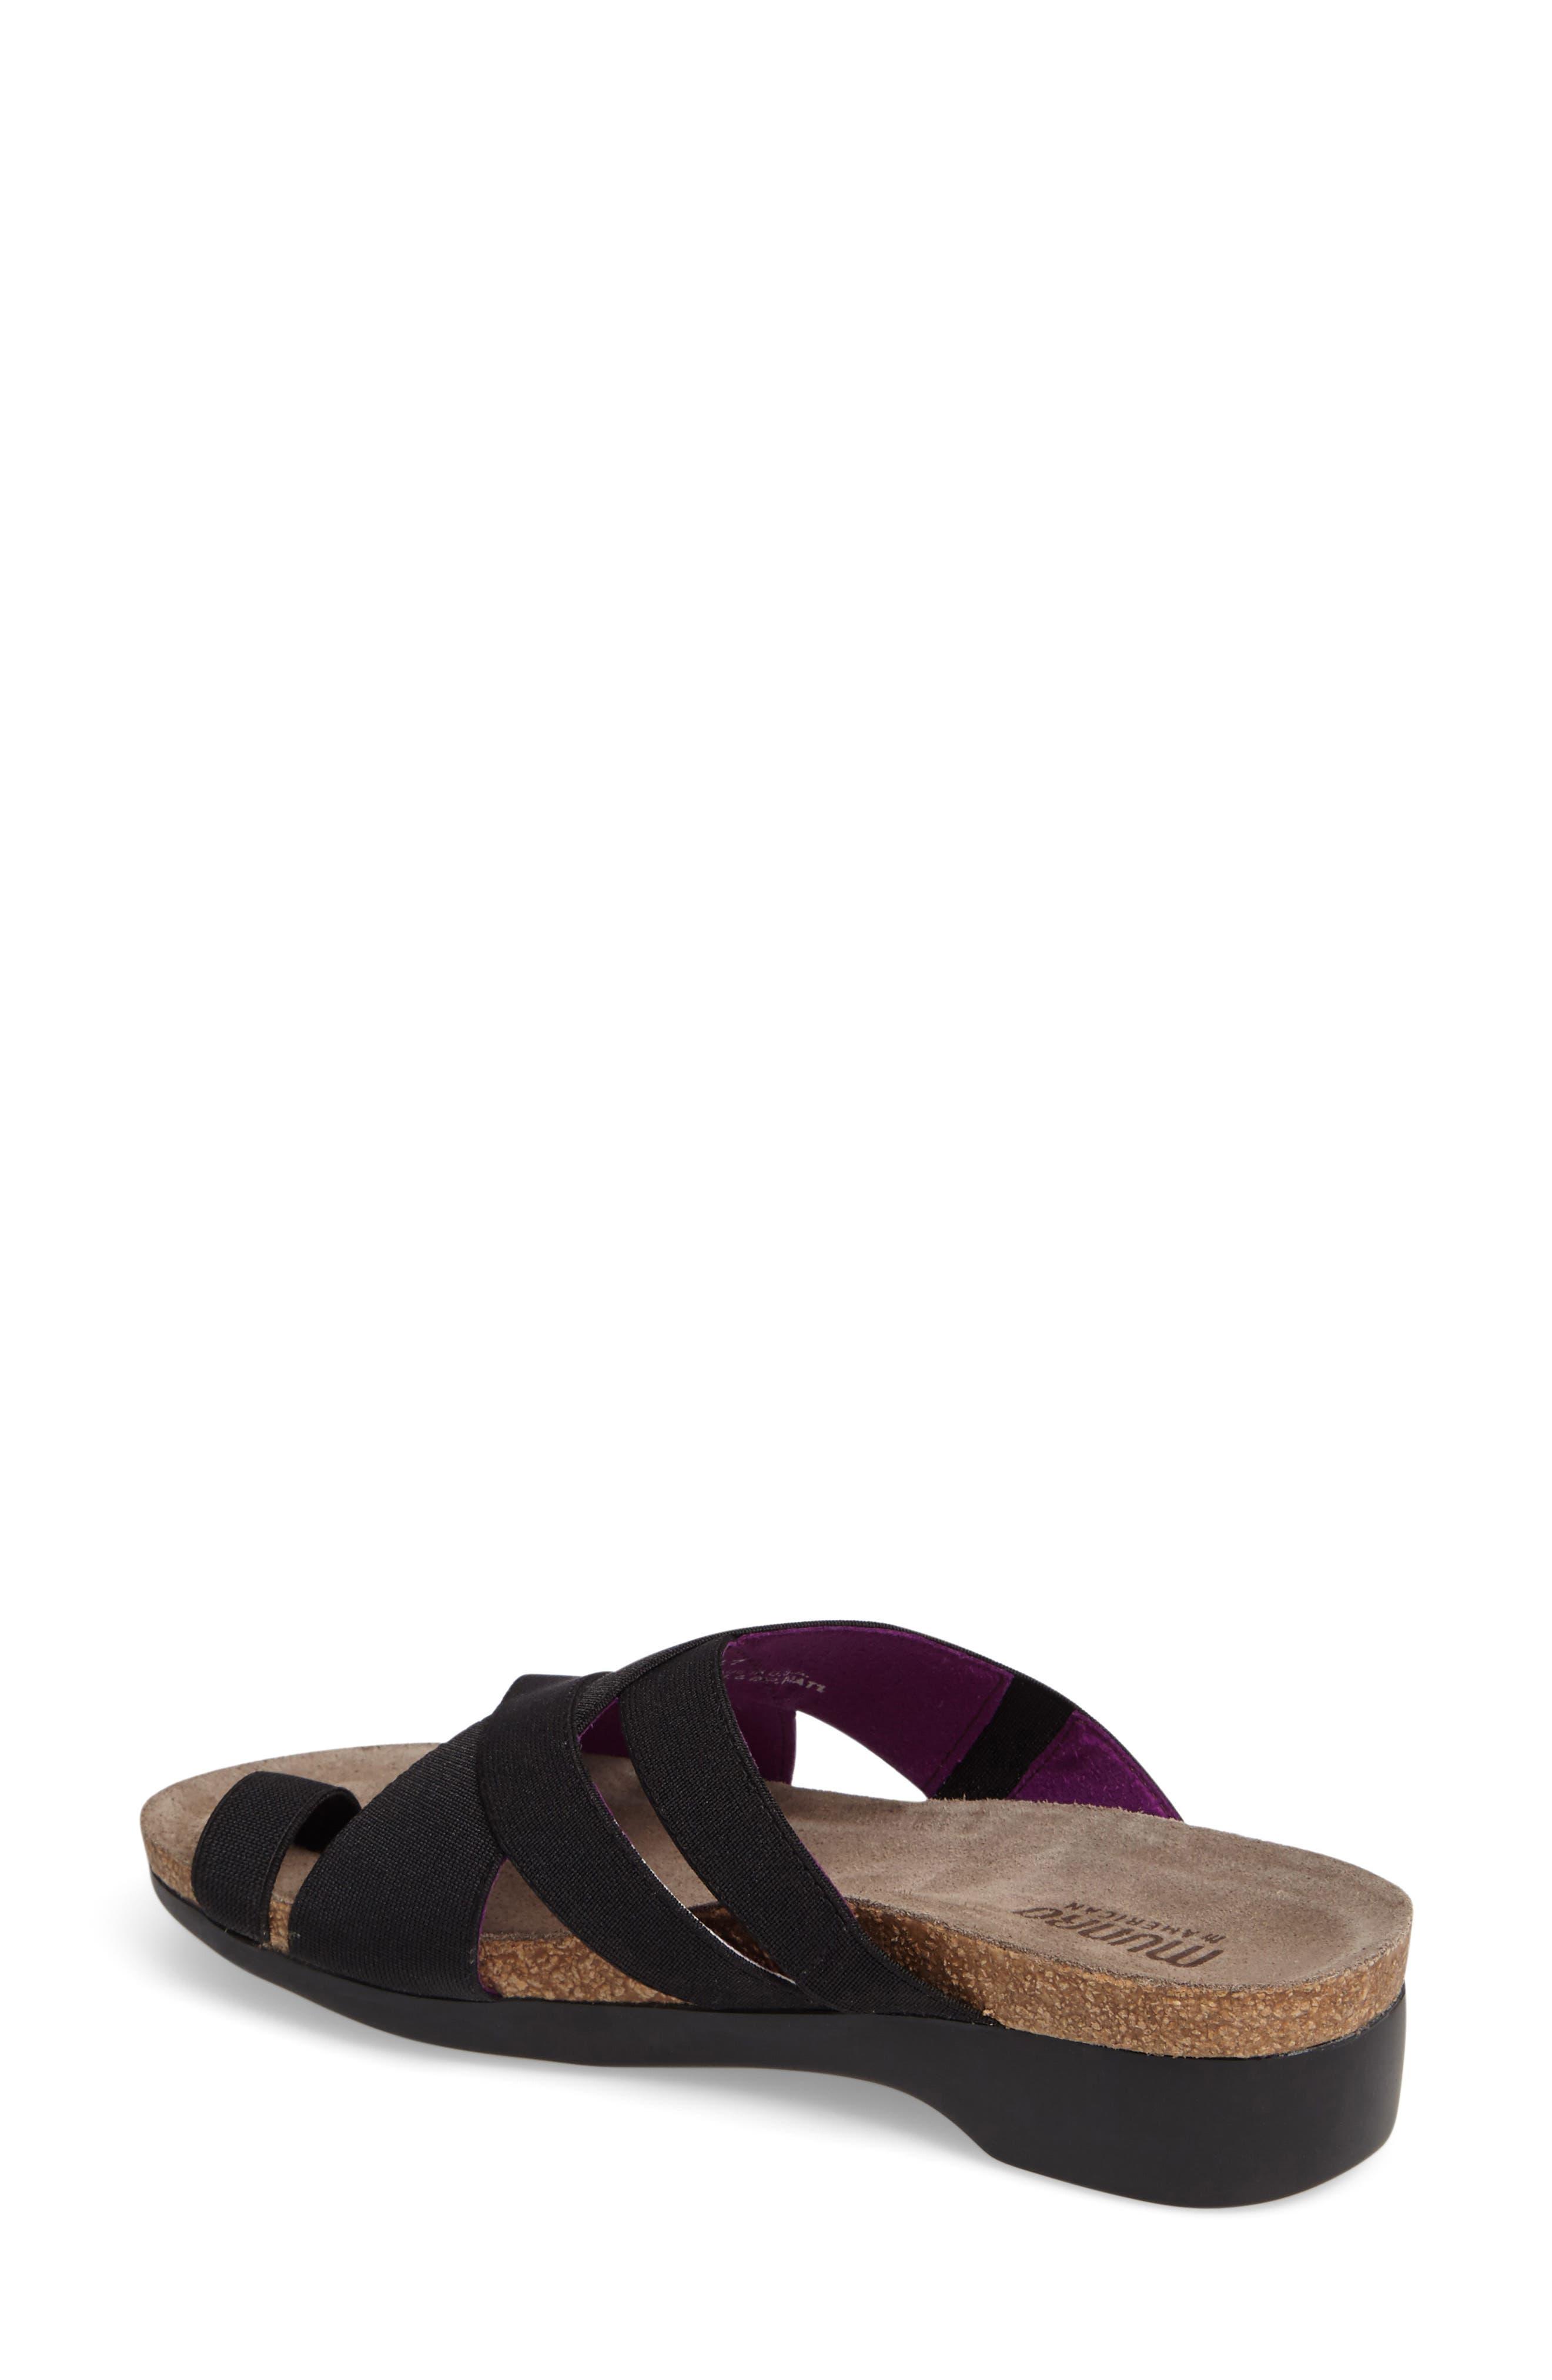 Delphi Slide Sandal,                             Alternate thumbnail 2, color,                             001